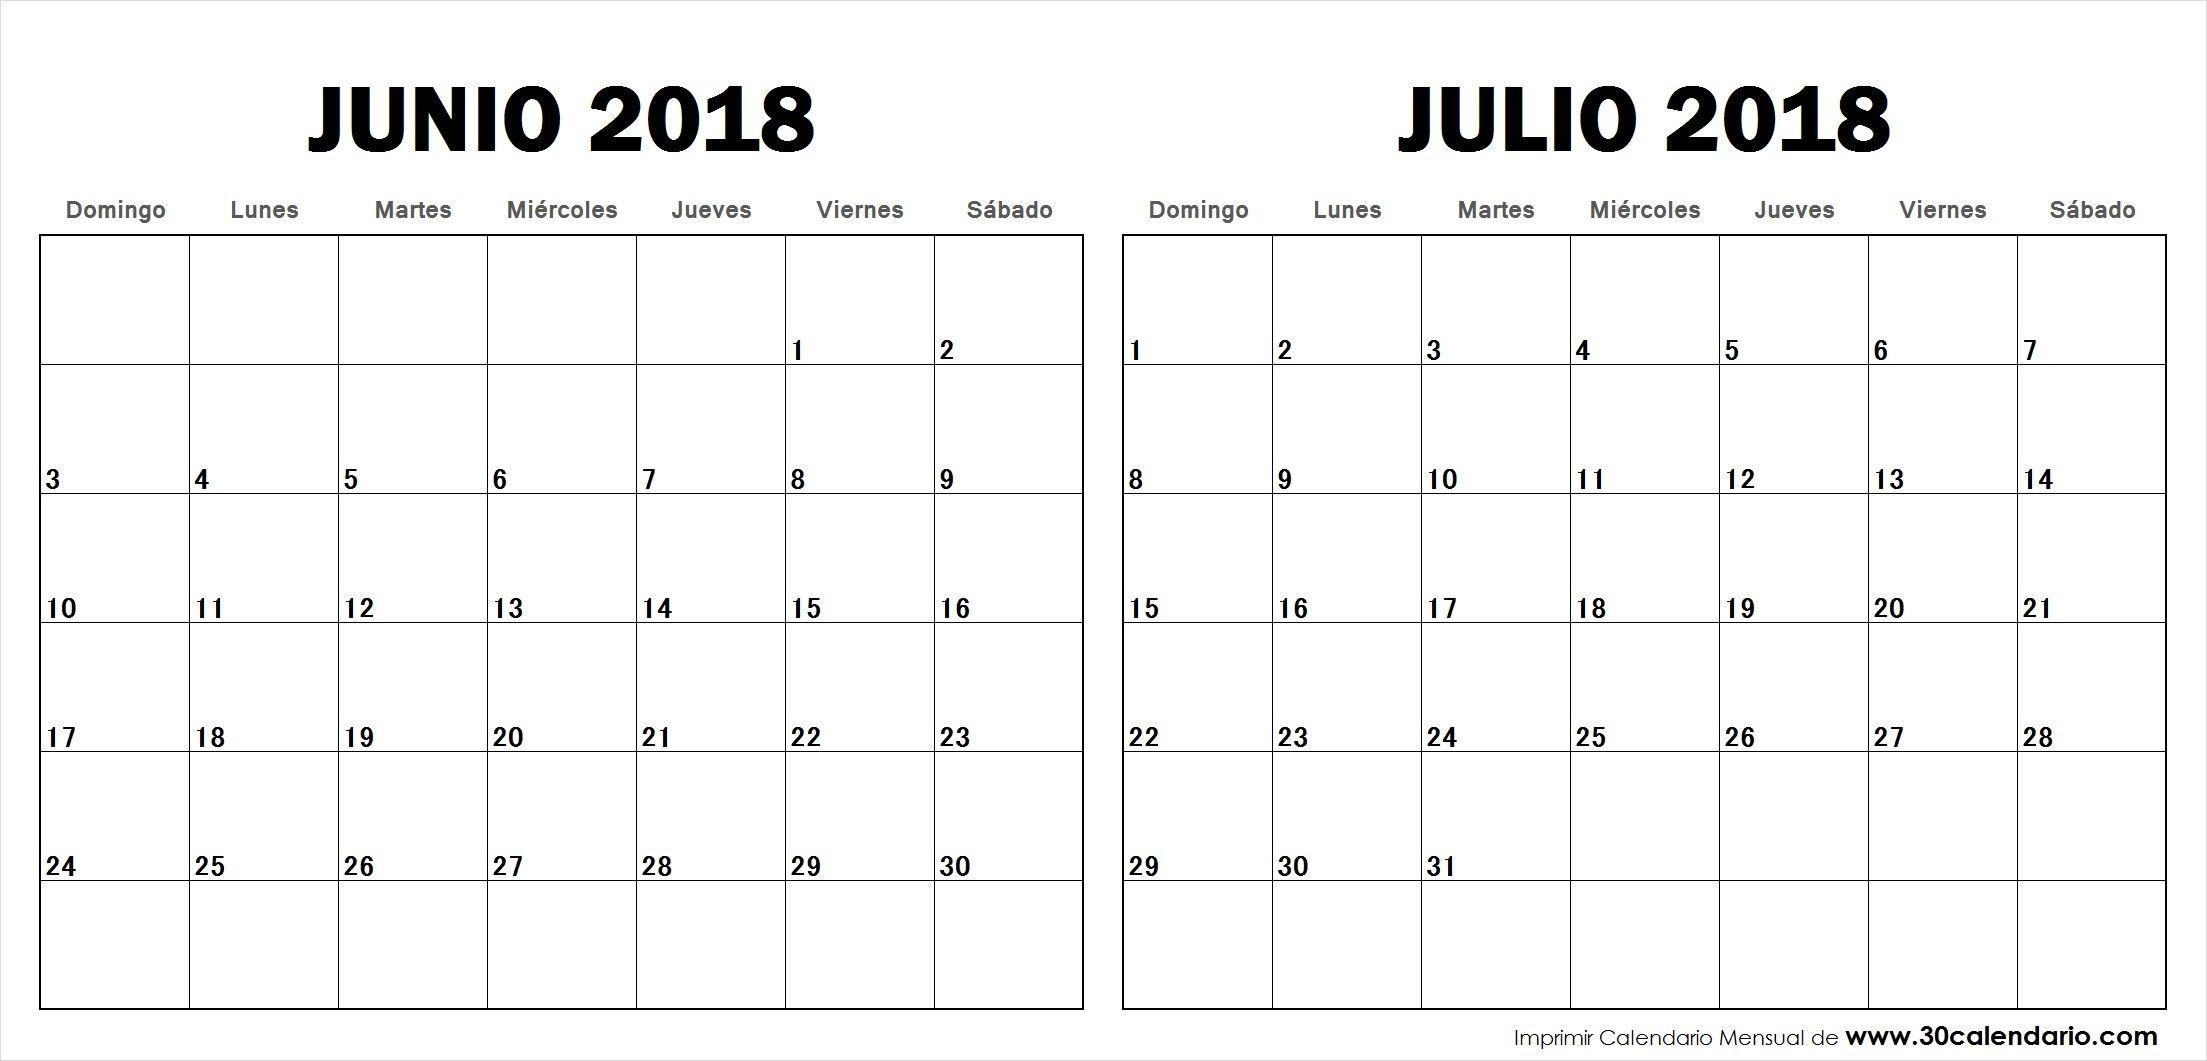 Junio Julio 2018 Calendario Con Notas